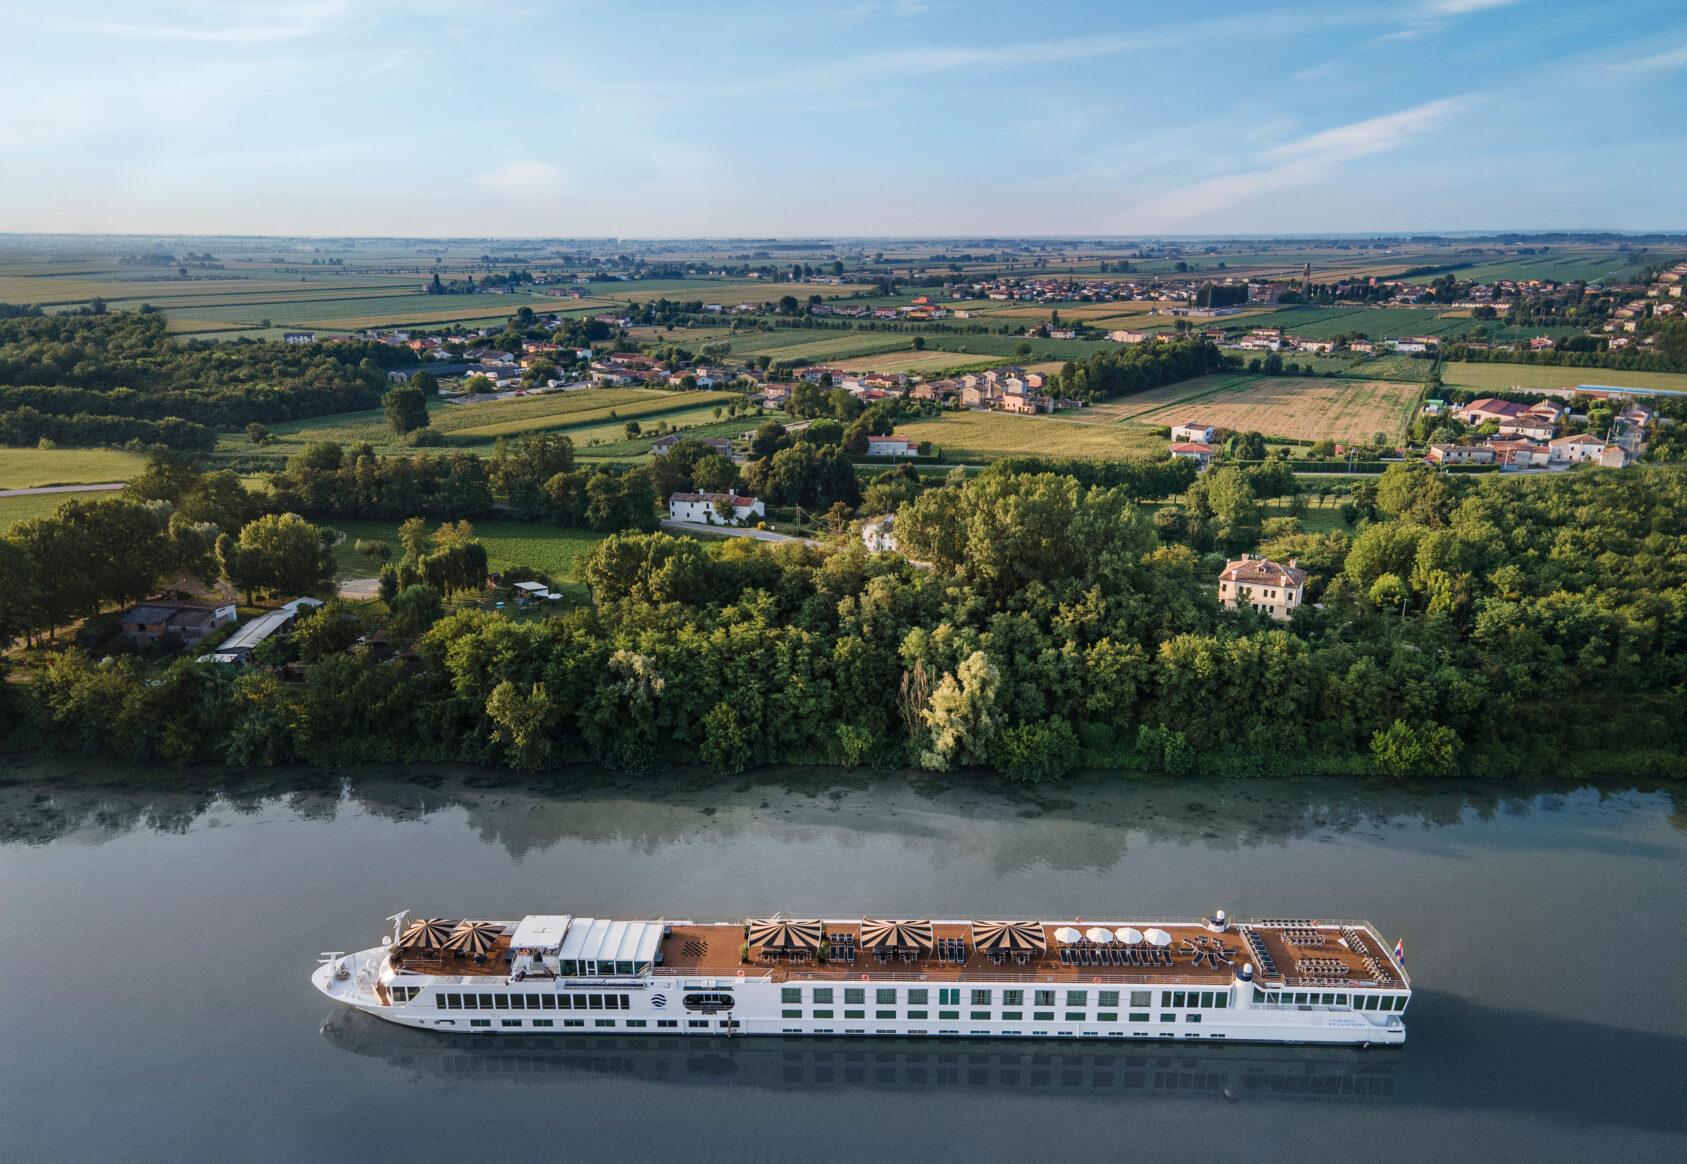 Uniworld - SS La Venezia - Exterior (2)